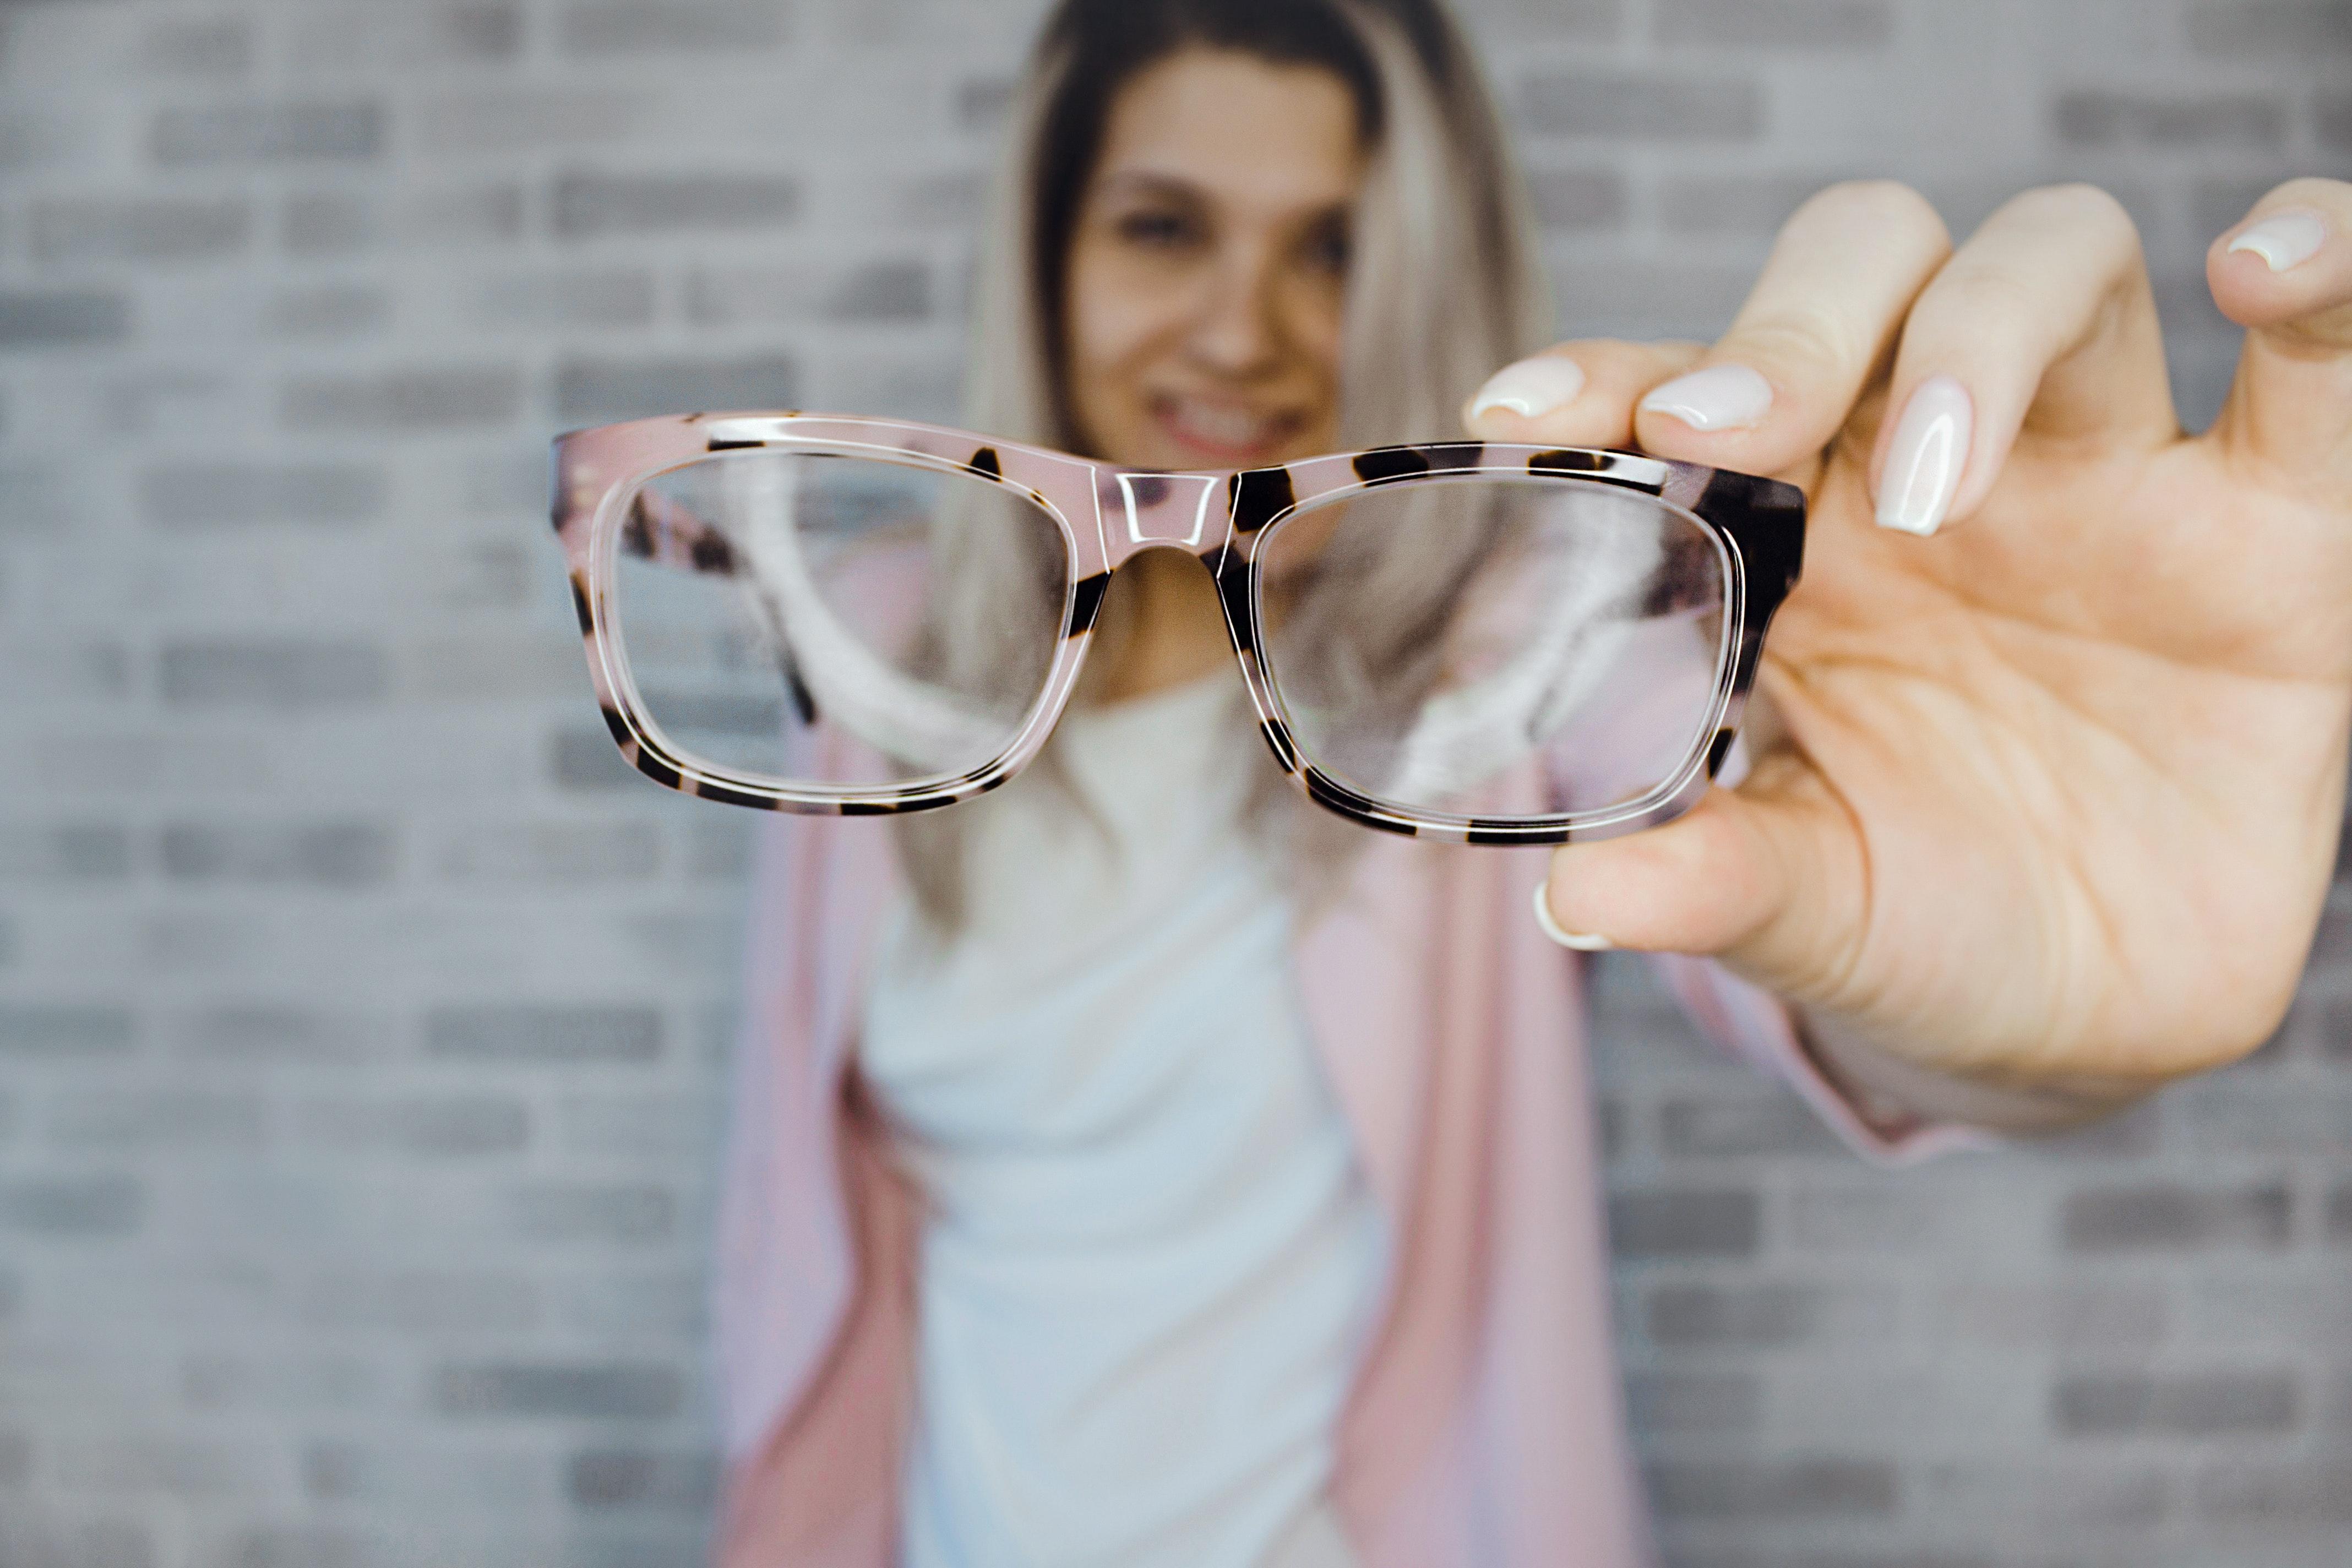 Taller de salud visual. ¡Experimenta con tu visión!